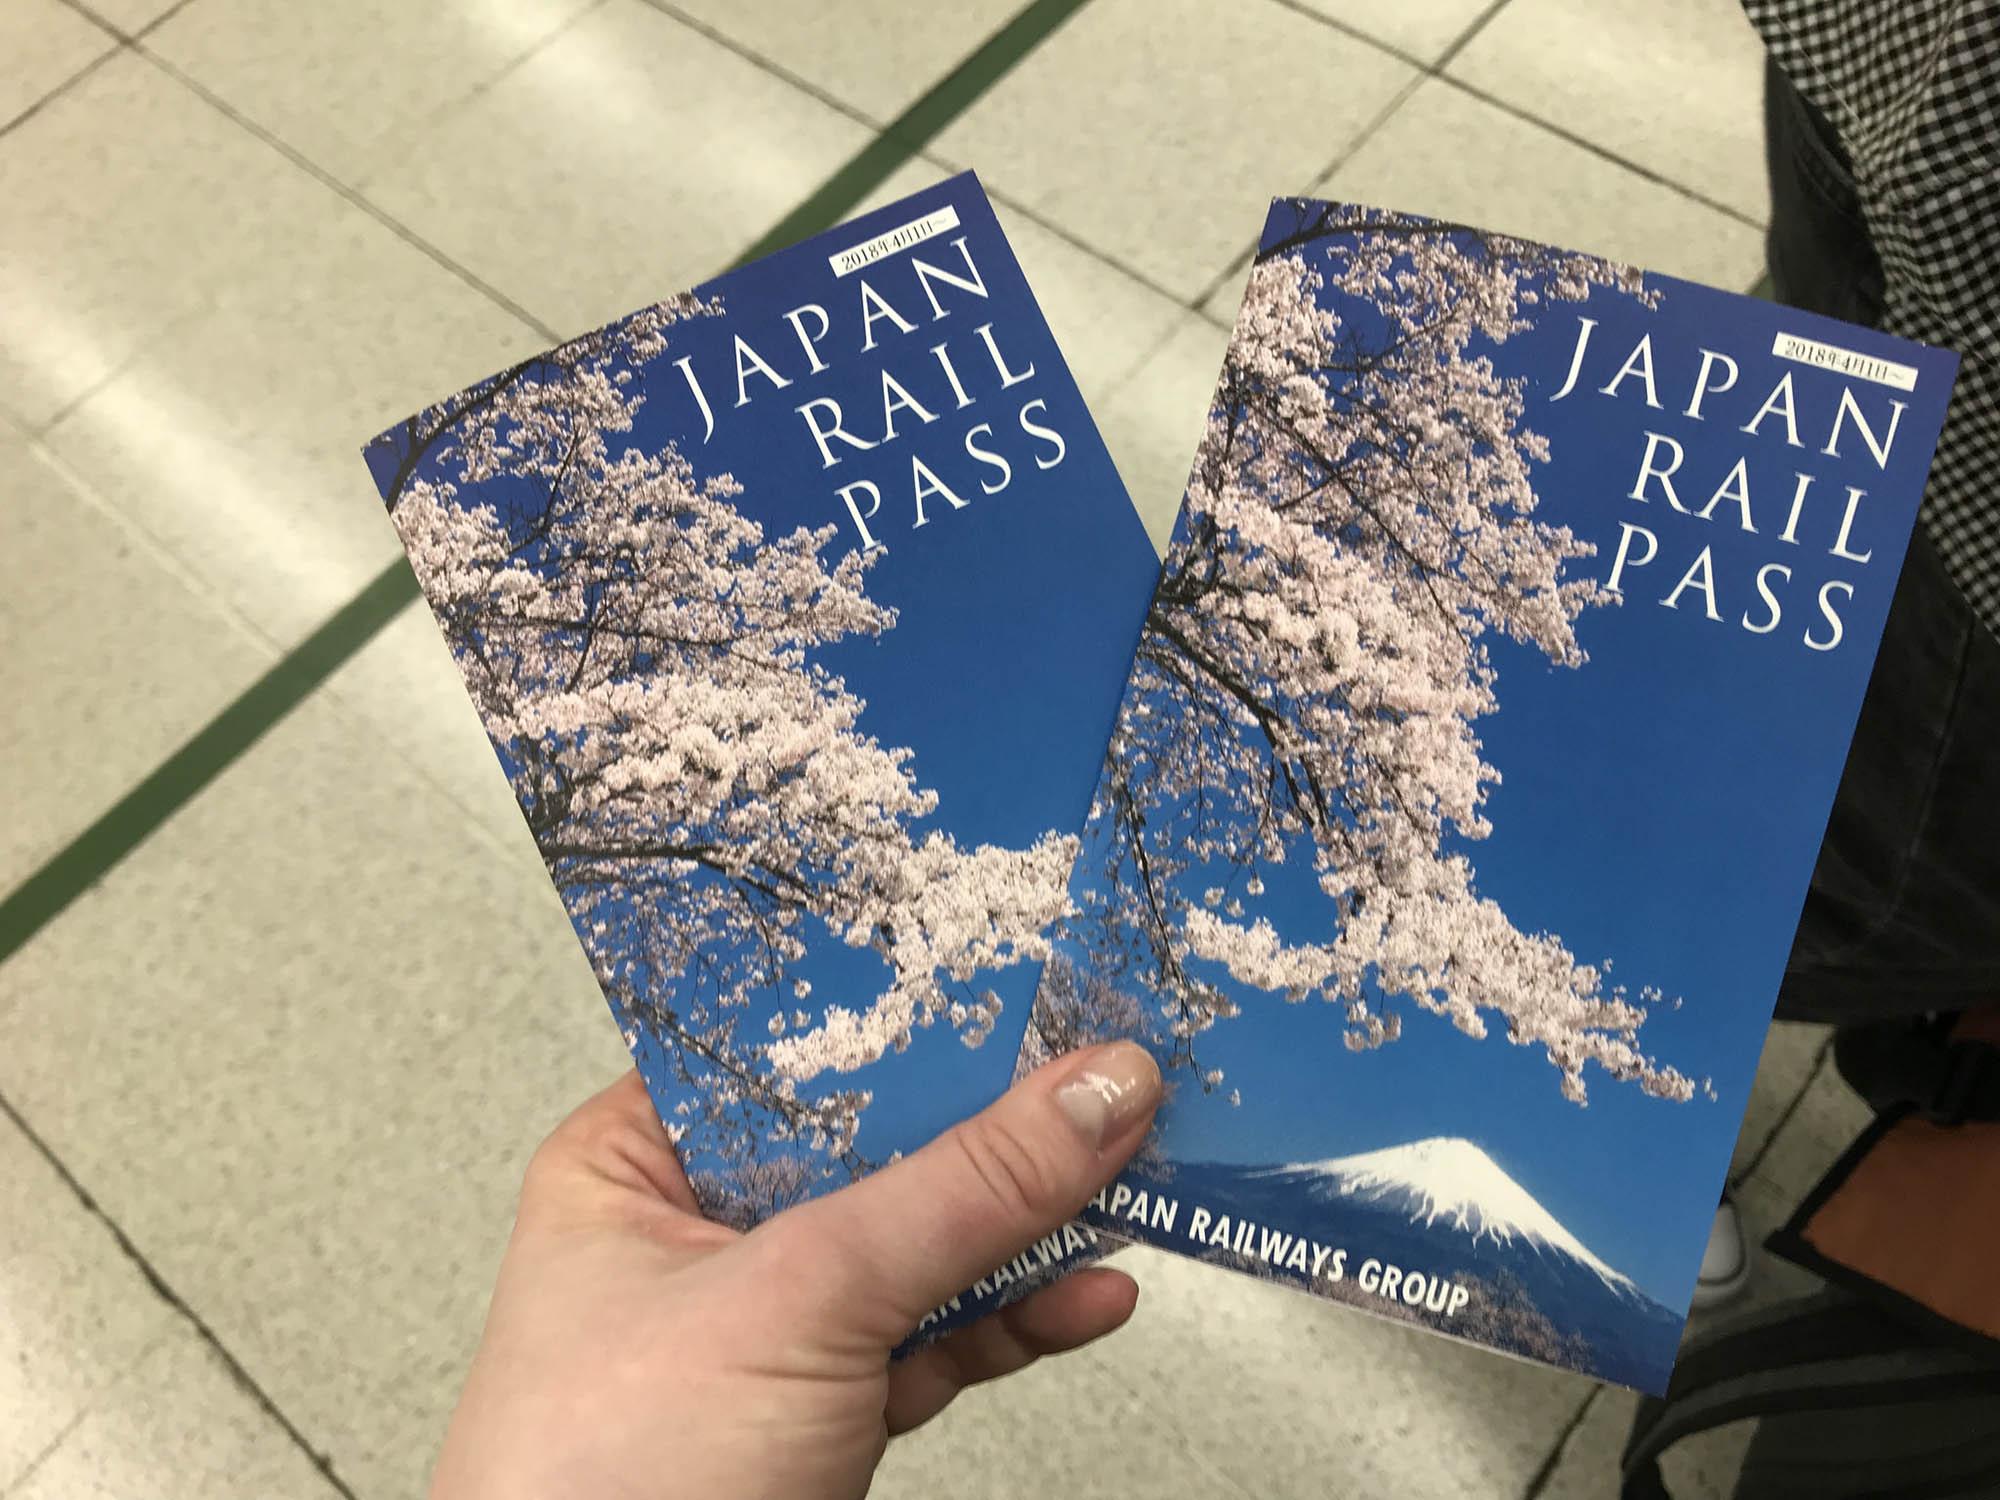 Так выглядит «Джей-ар-пасс» — это красивая брошюра с сакурой и Фудзиямой